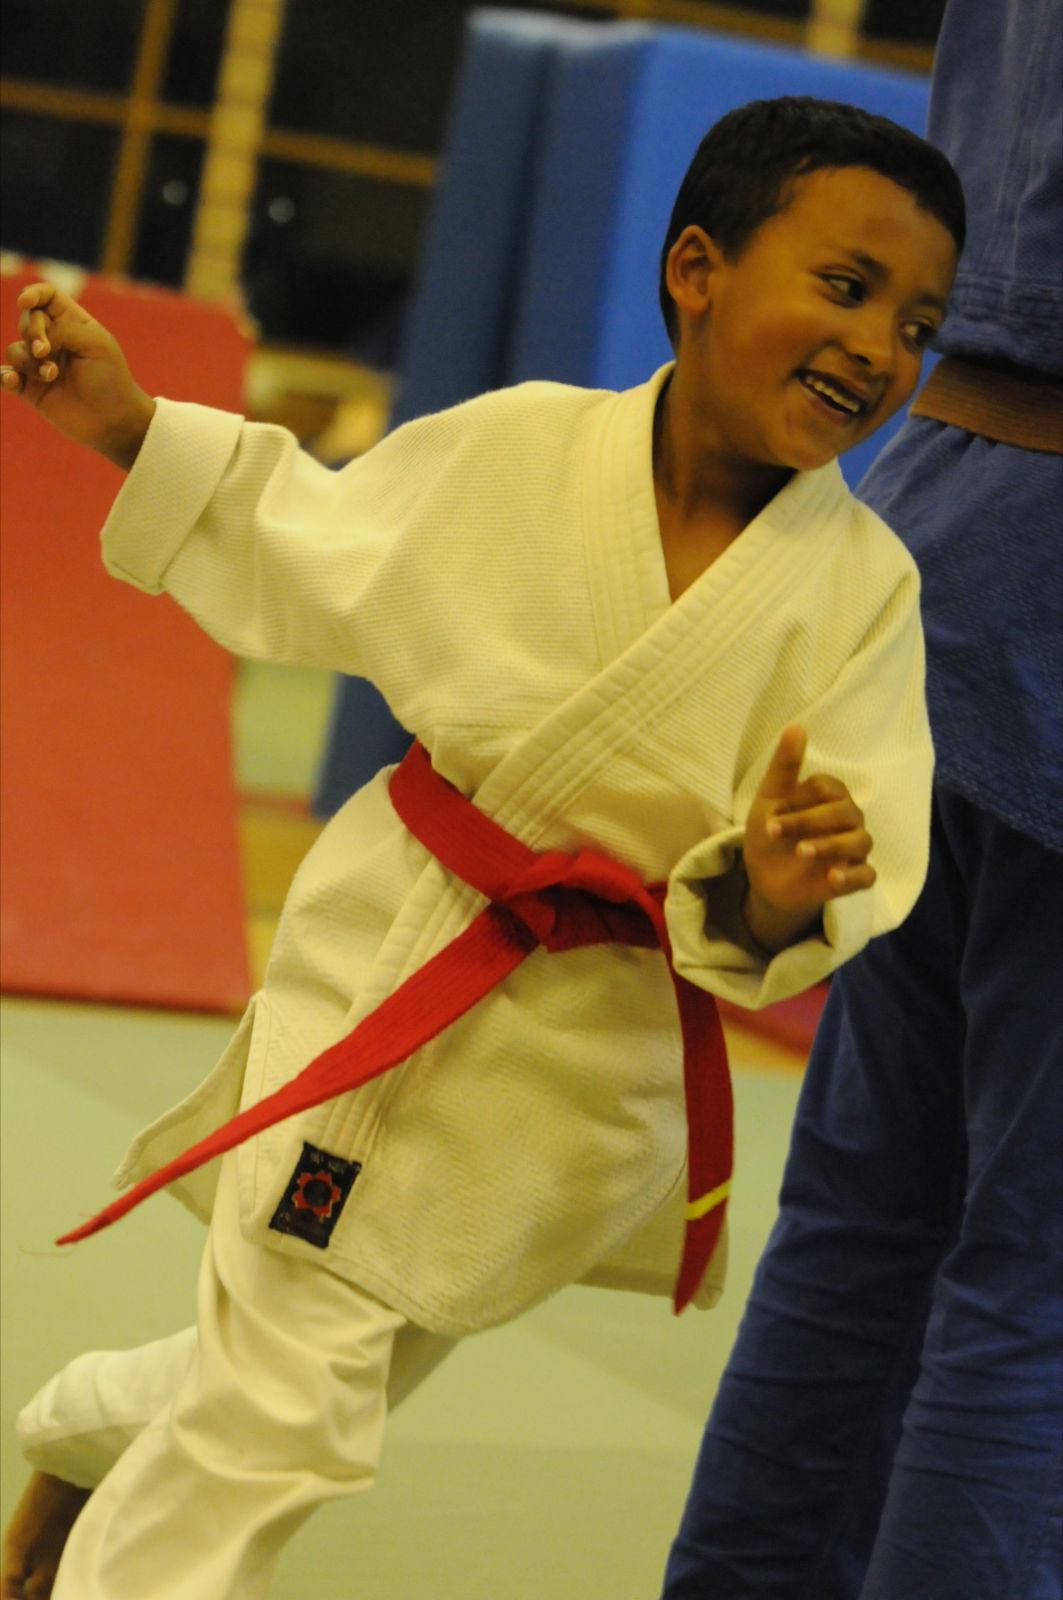 judo_action-31